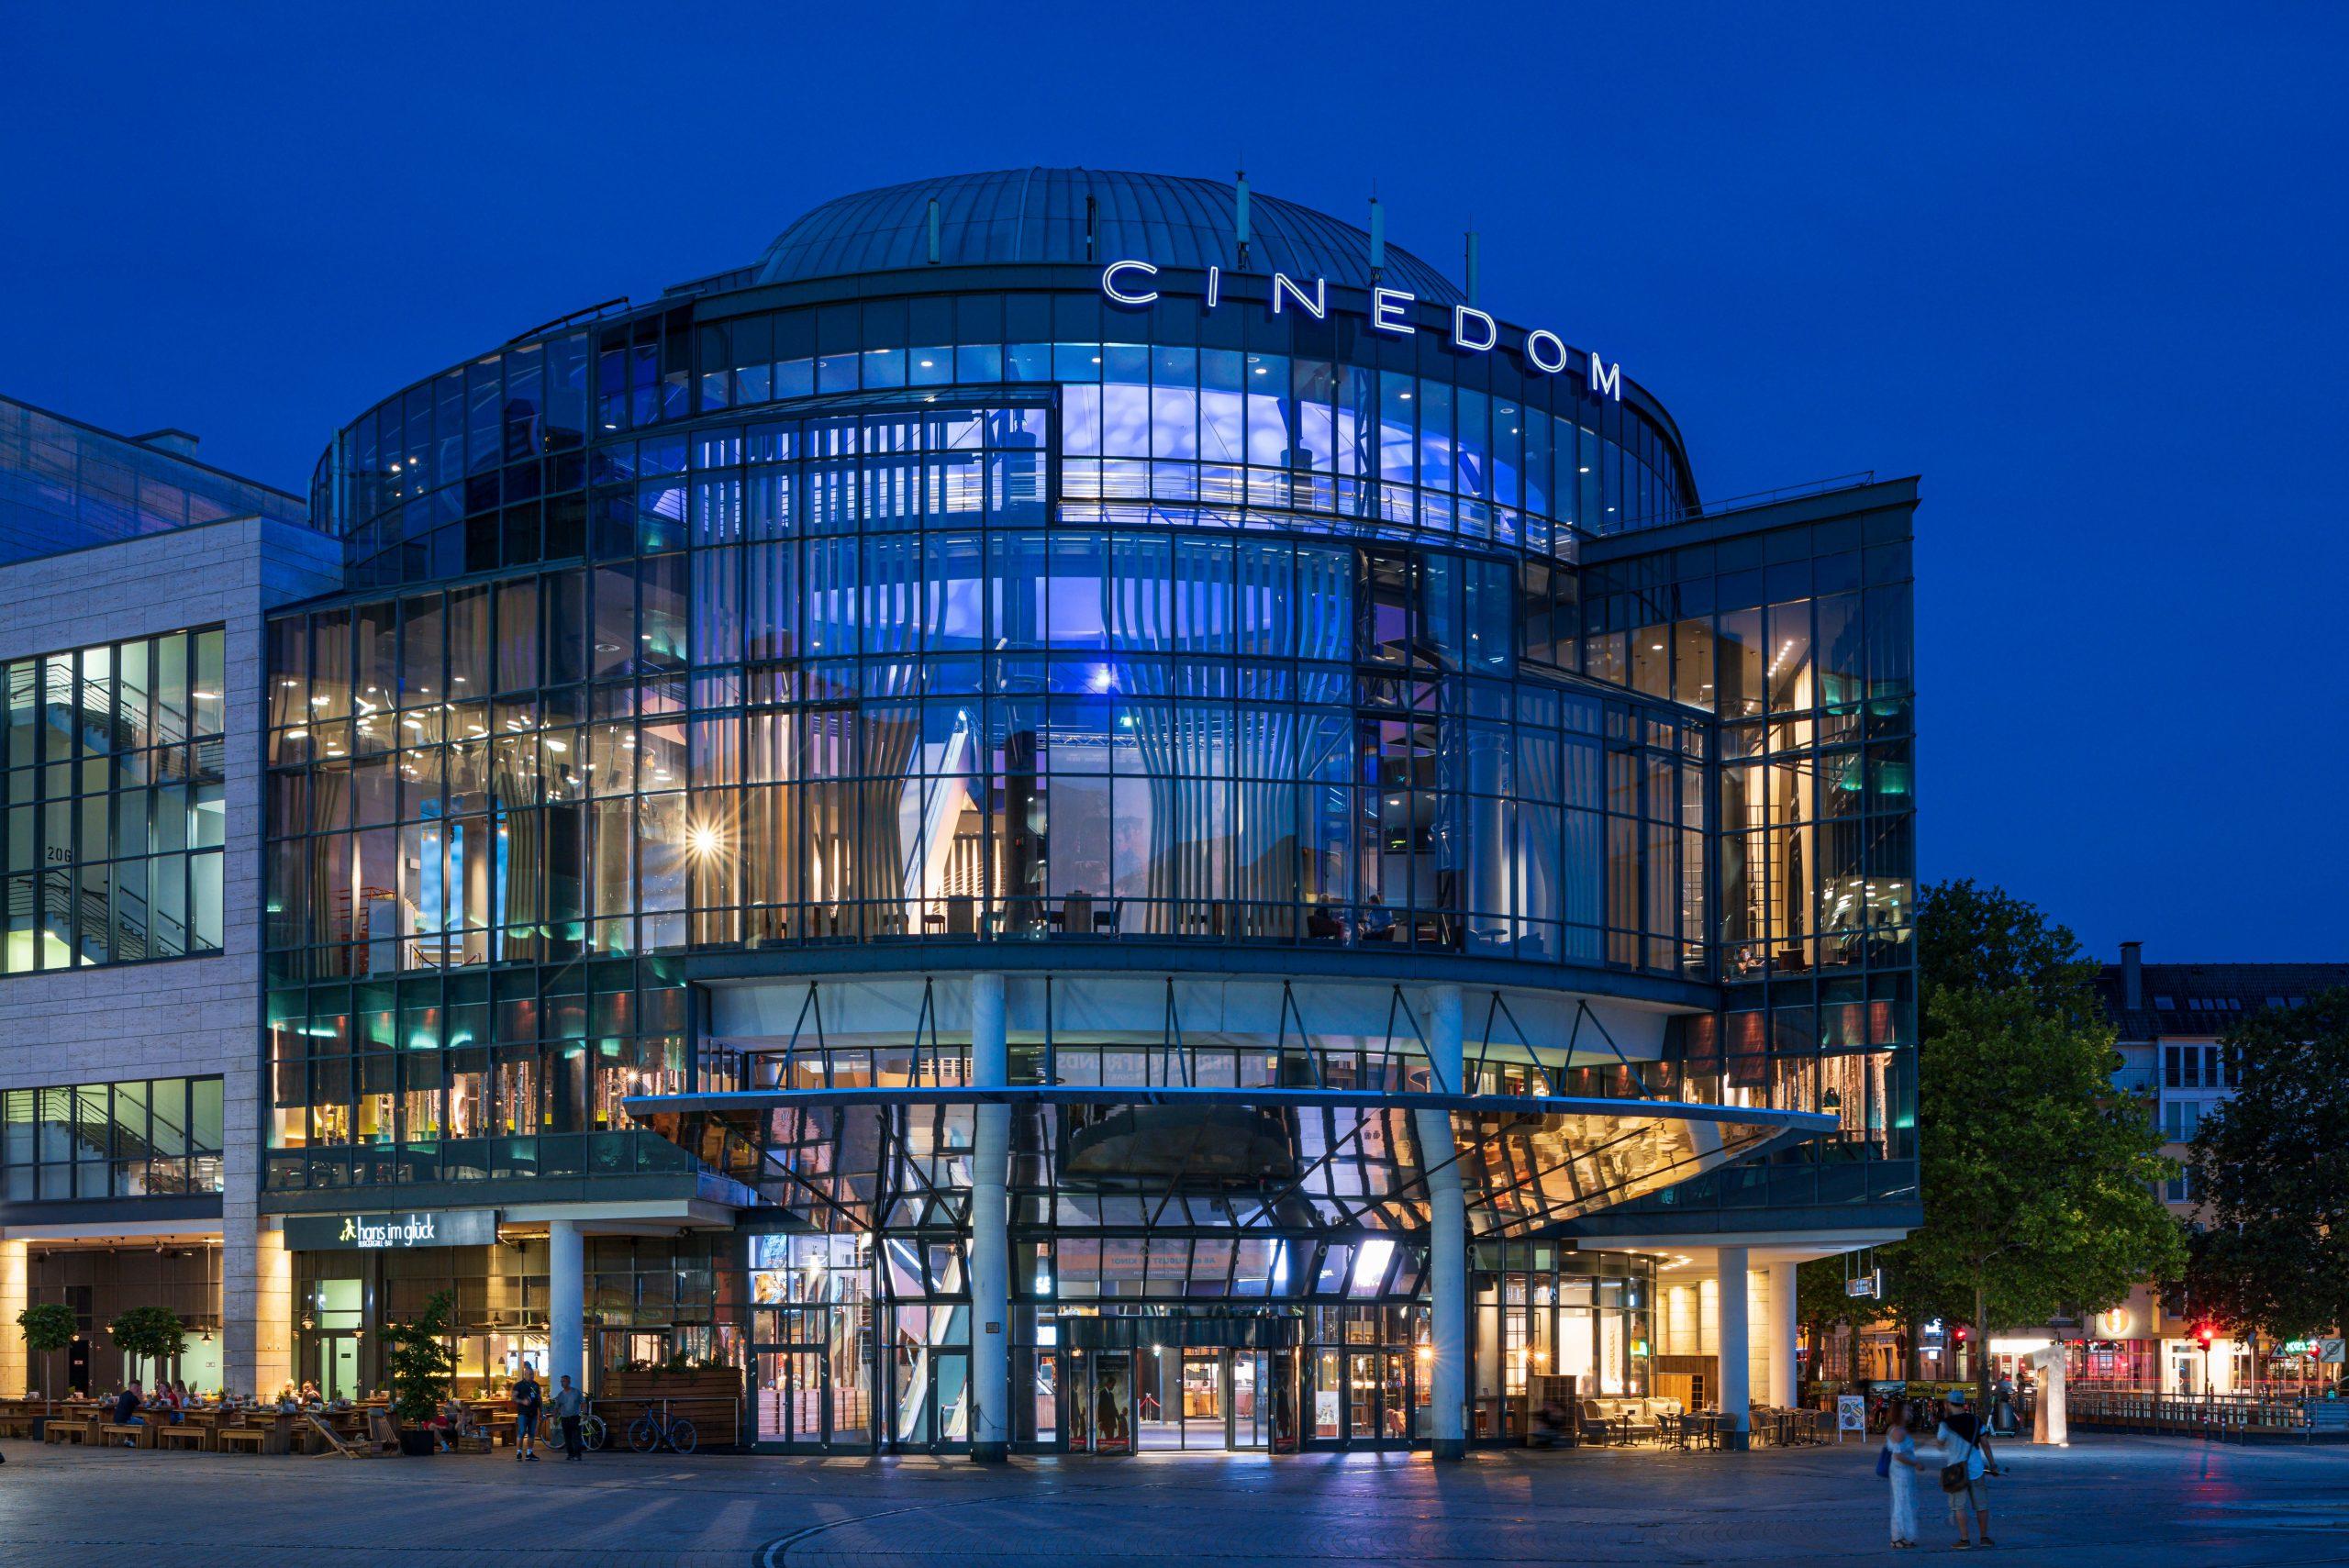 Cinedom Köln Preis